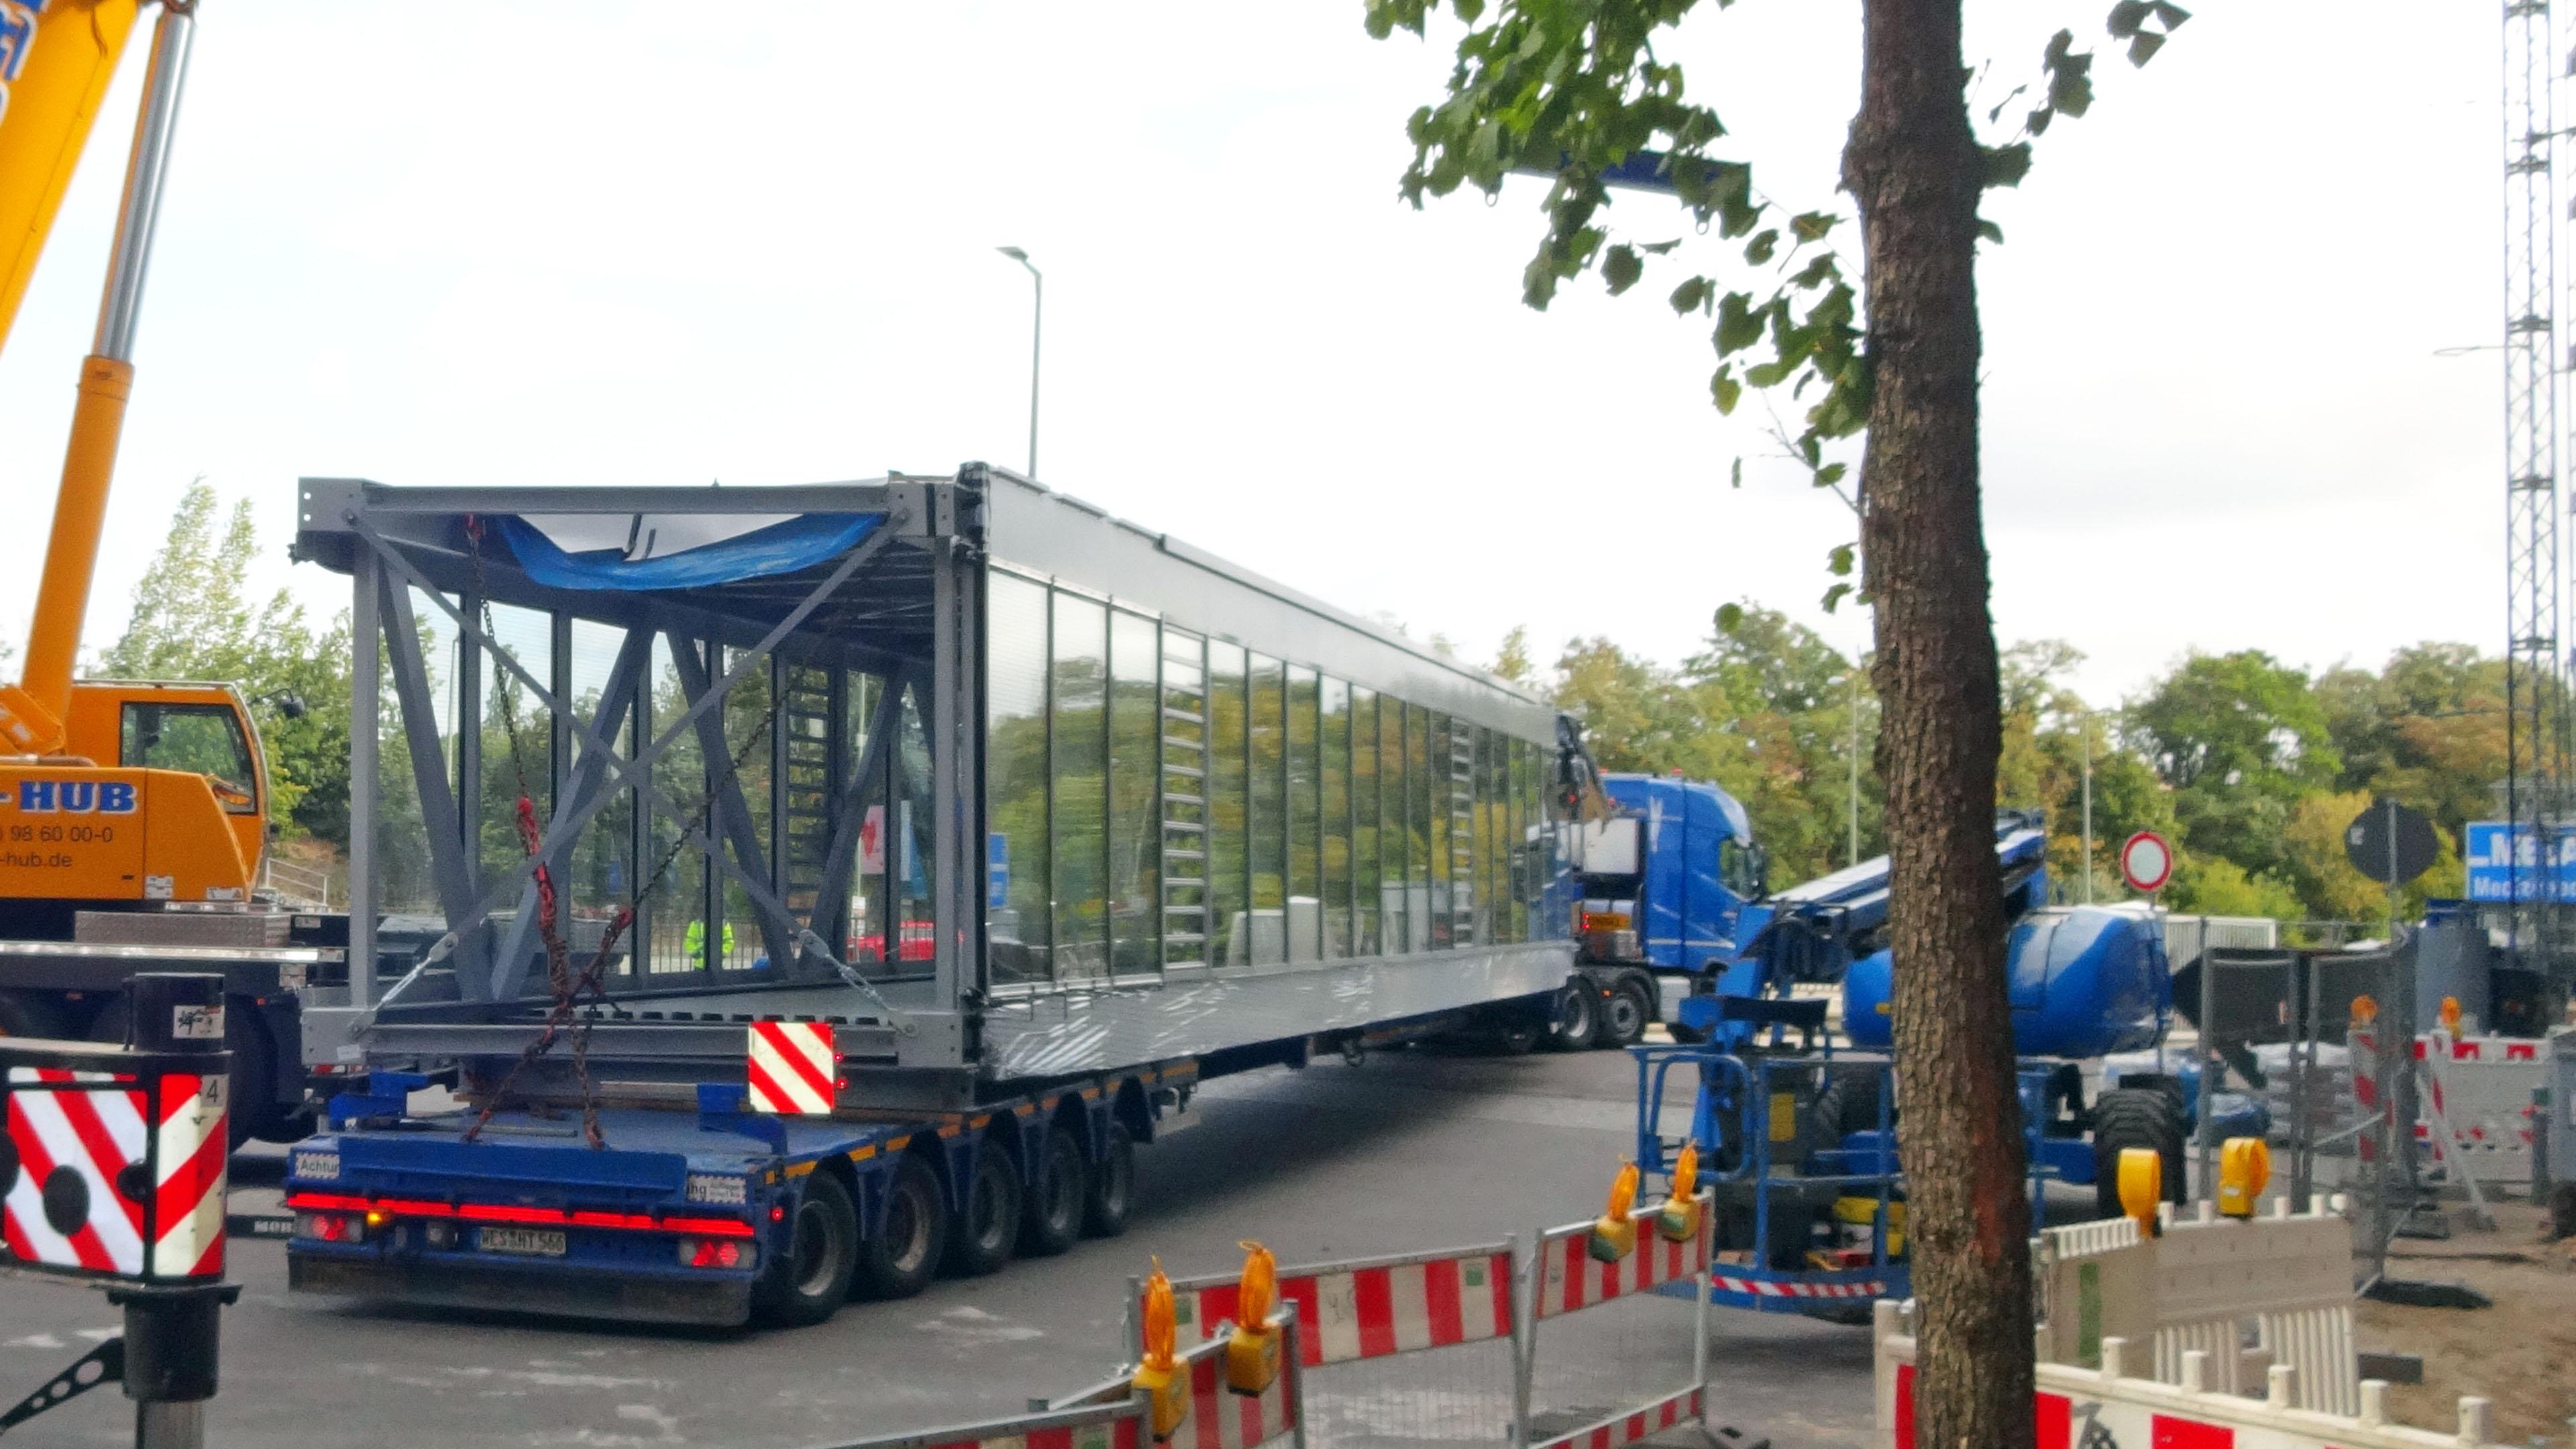 Transport einer vollverglasten Verbindungsbrücke aus Stahl und Glas